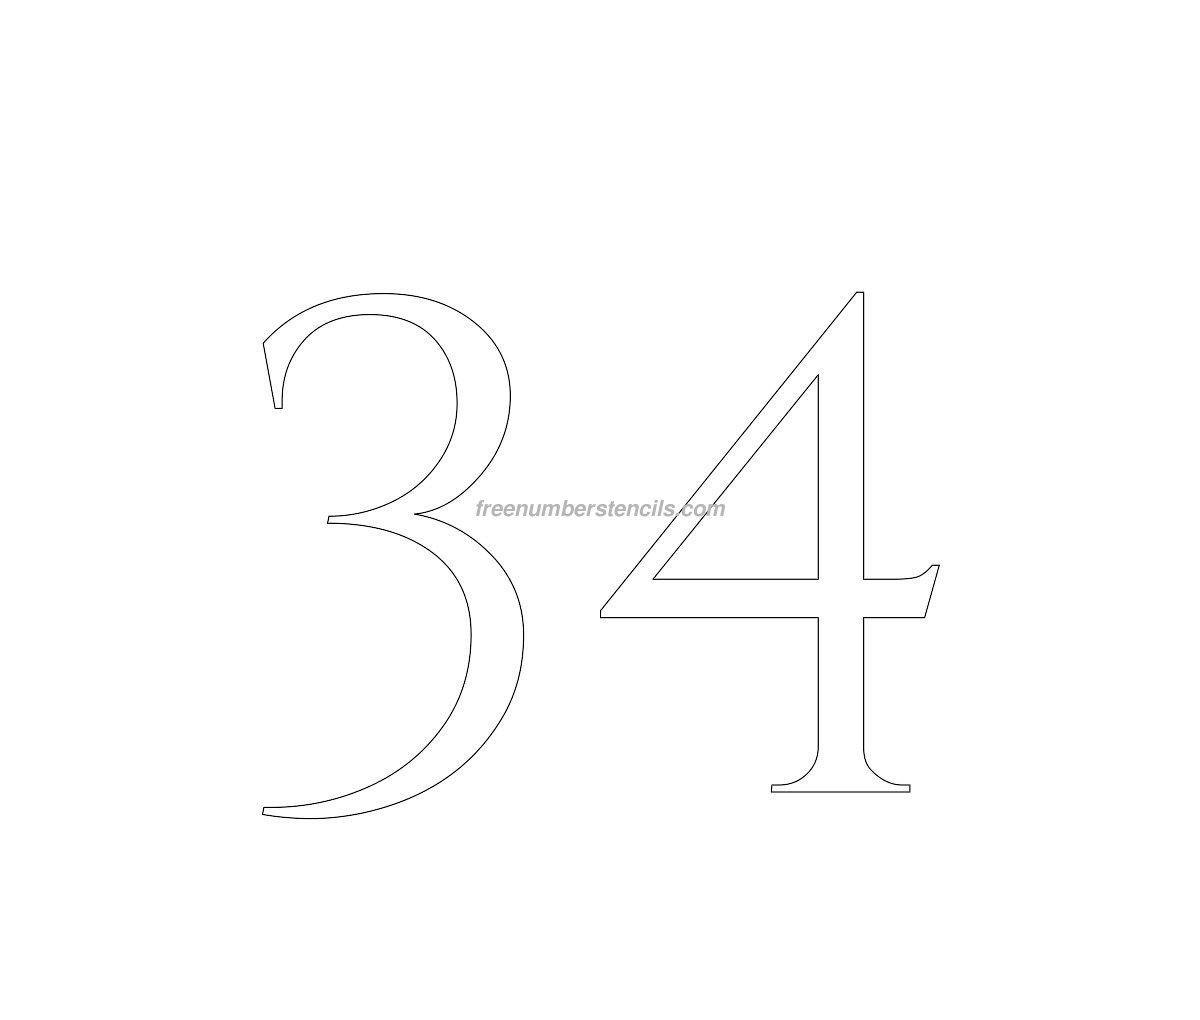 Free Roman Greek 34 Number Stencil - Freenumberstencils.com